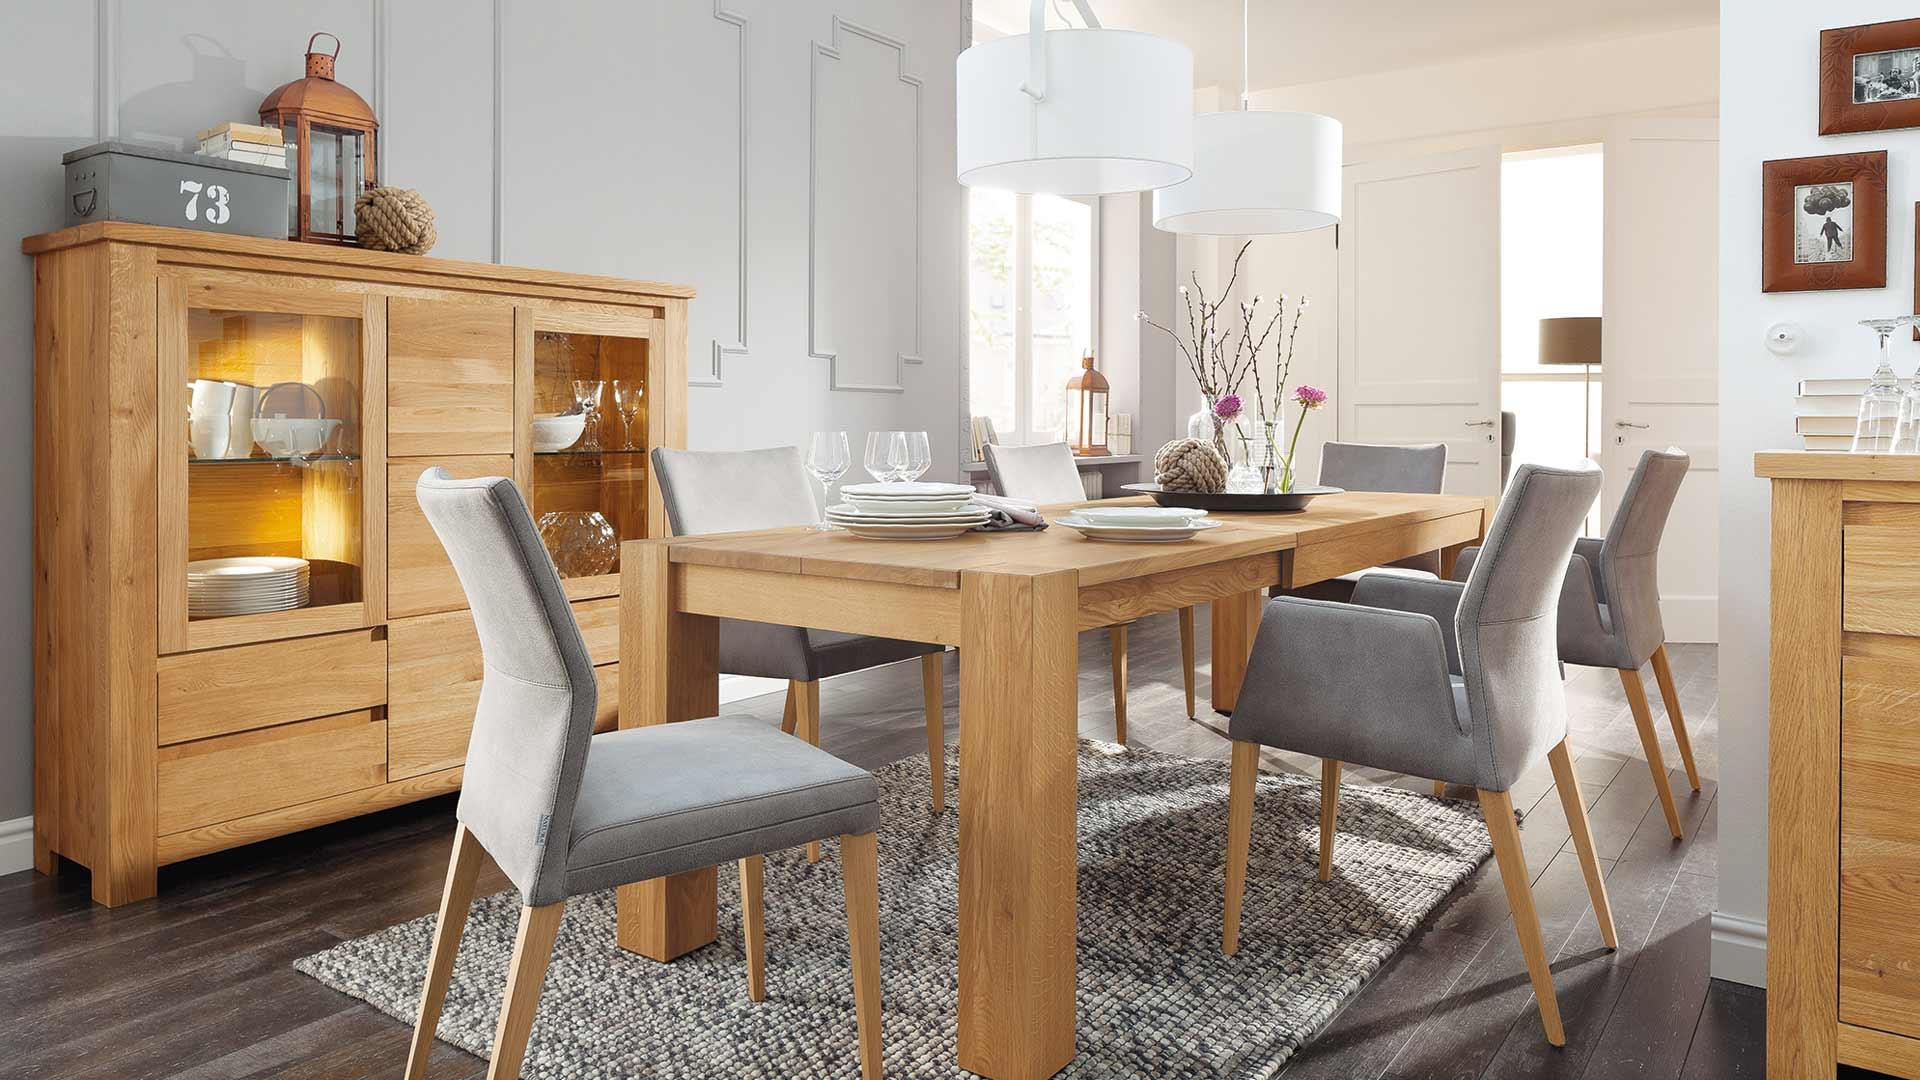 natura novum von natura einrichten in moormerland ot warsingsfehn nahe leer ostfriesland. Black Bedroom Furniture Sets. Home Design Ideas